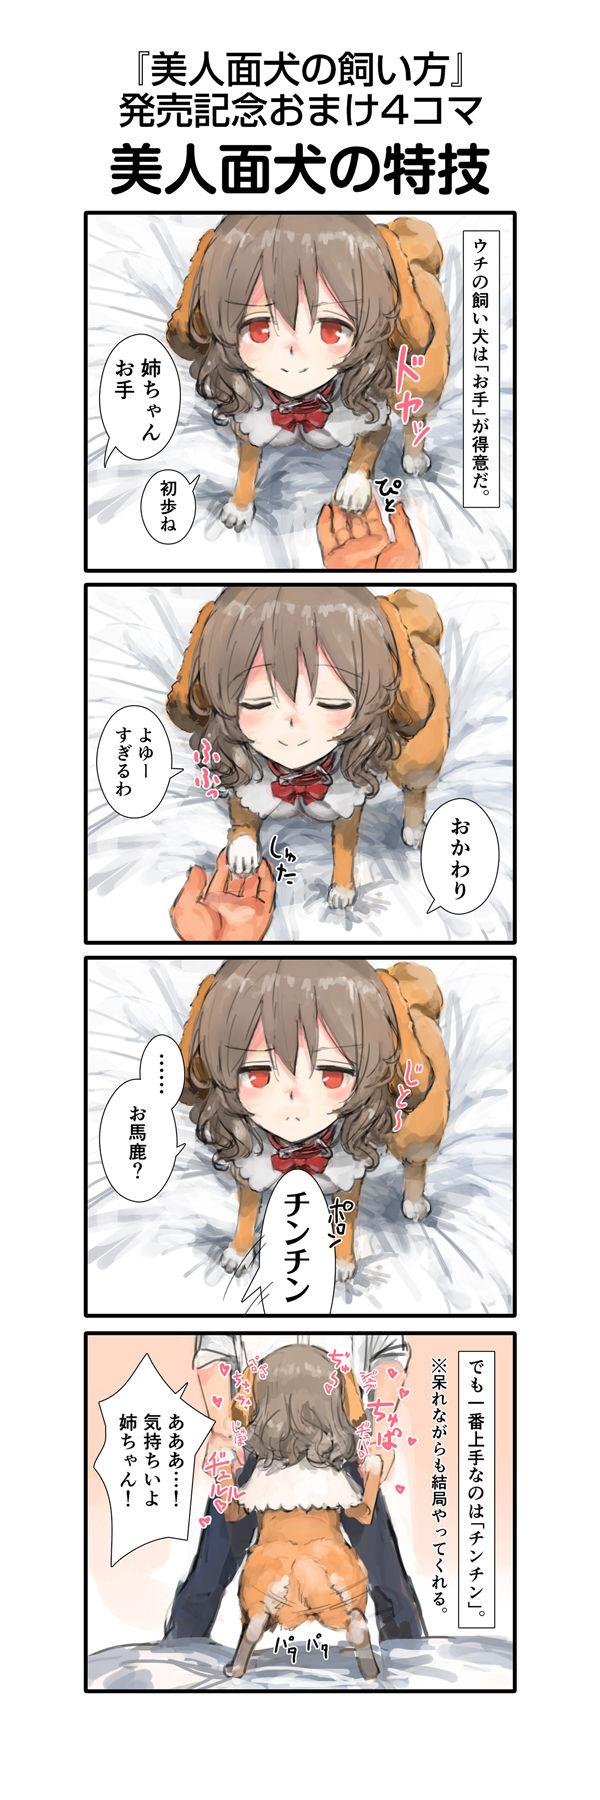 美人面犬の飼い方 画像